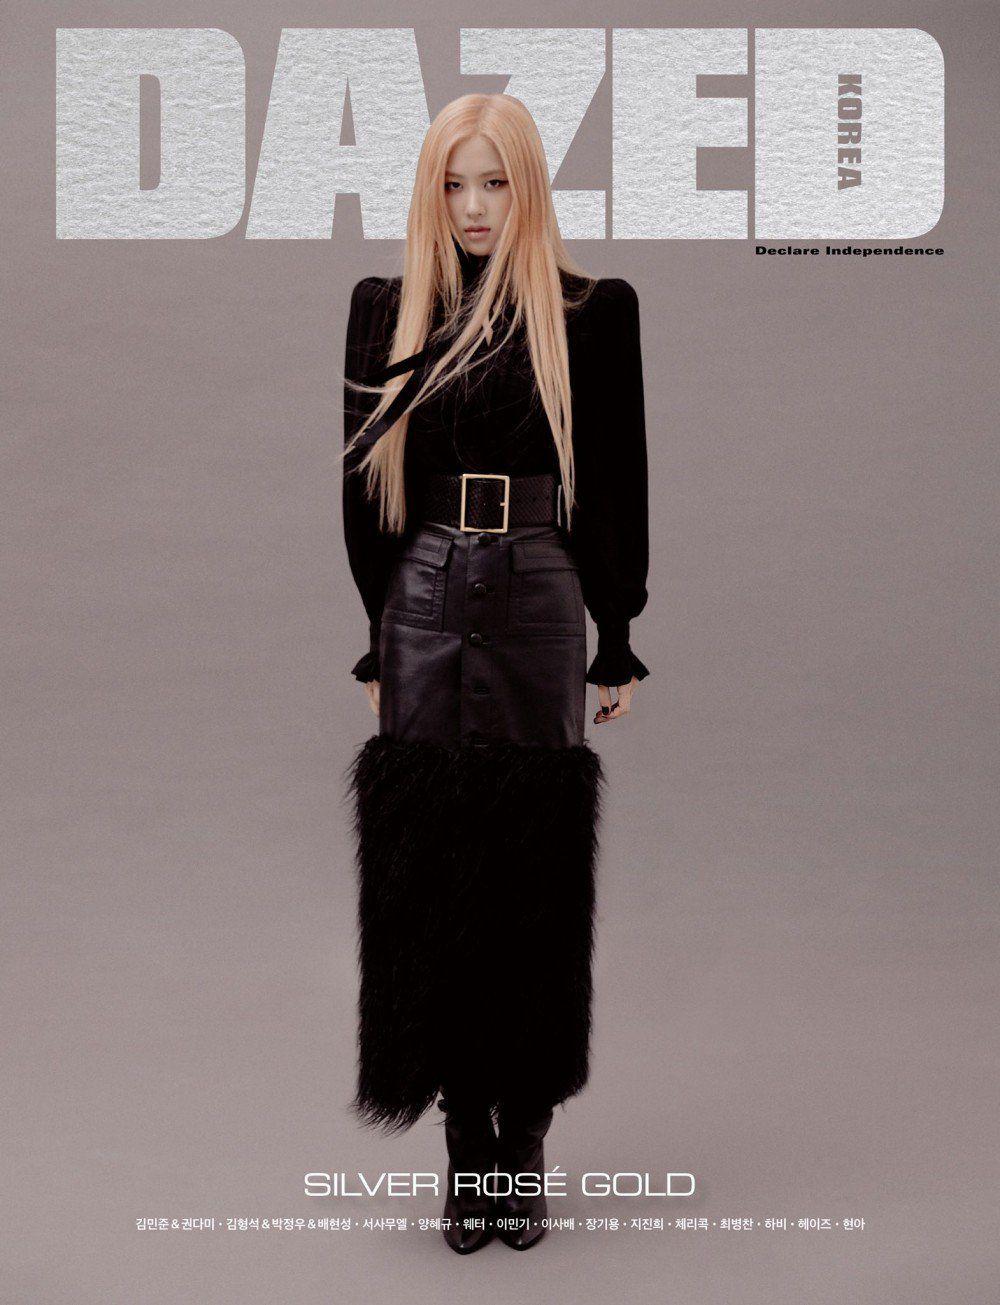 Rose xuất hiện đầy cá tính trên trang bìa tạp chí Dazed